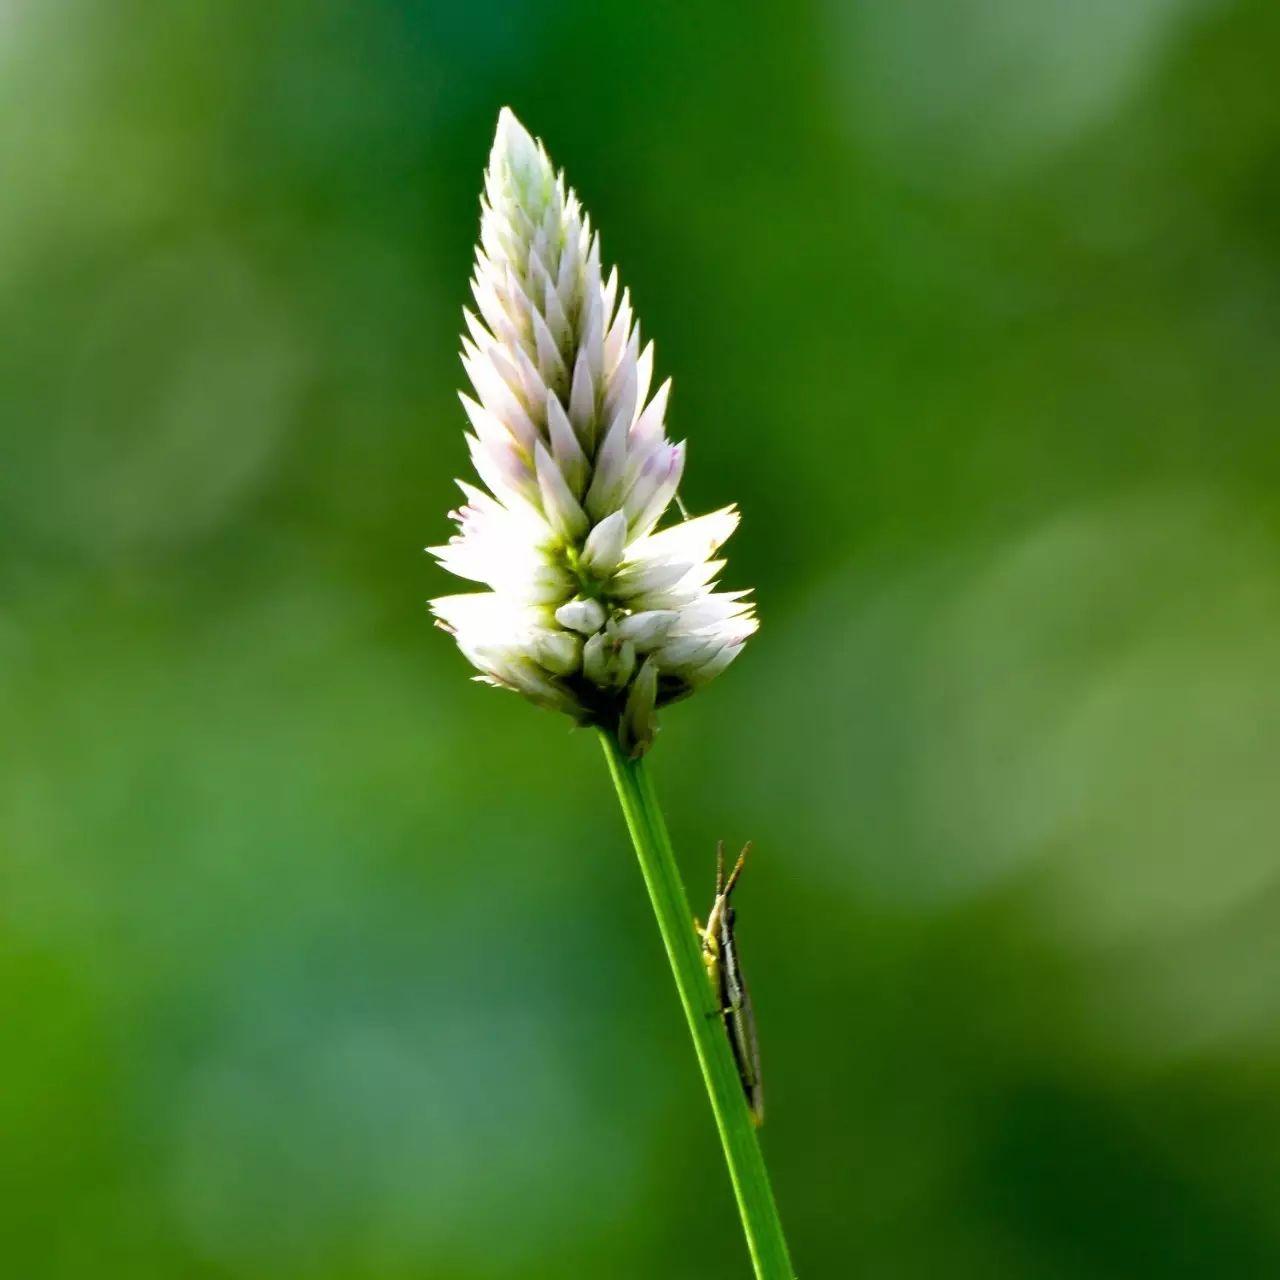 见过鸡冠花吗,知道它的前身是谁吗 - 老泉 - 把酒临风的博客